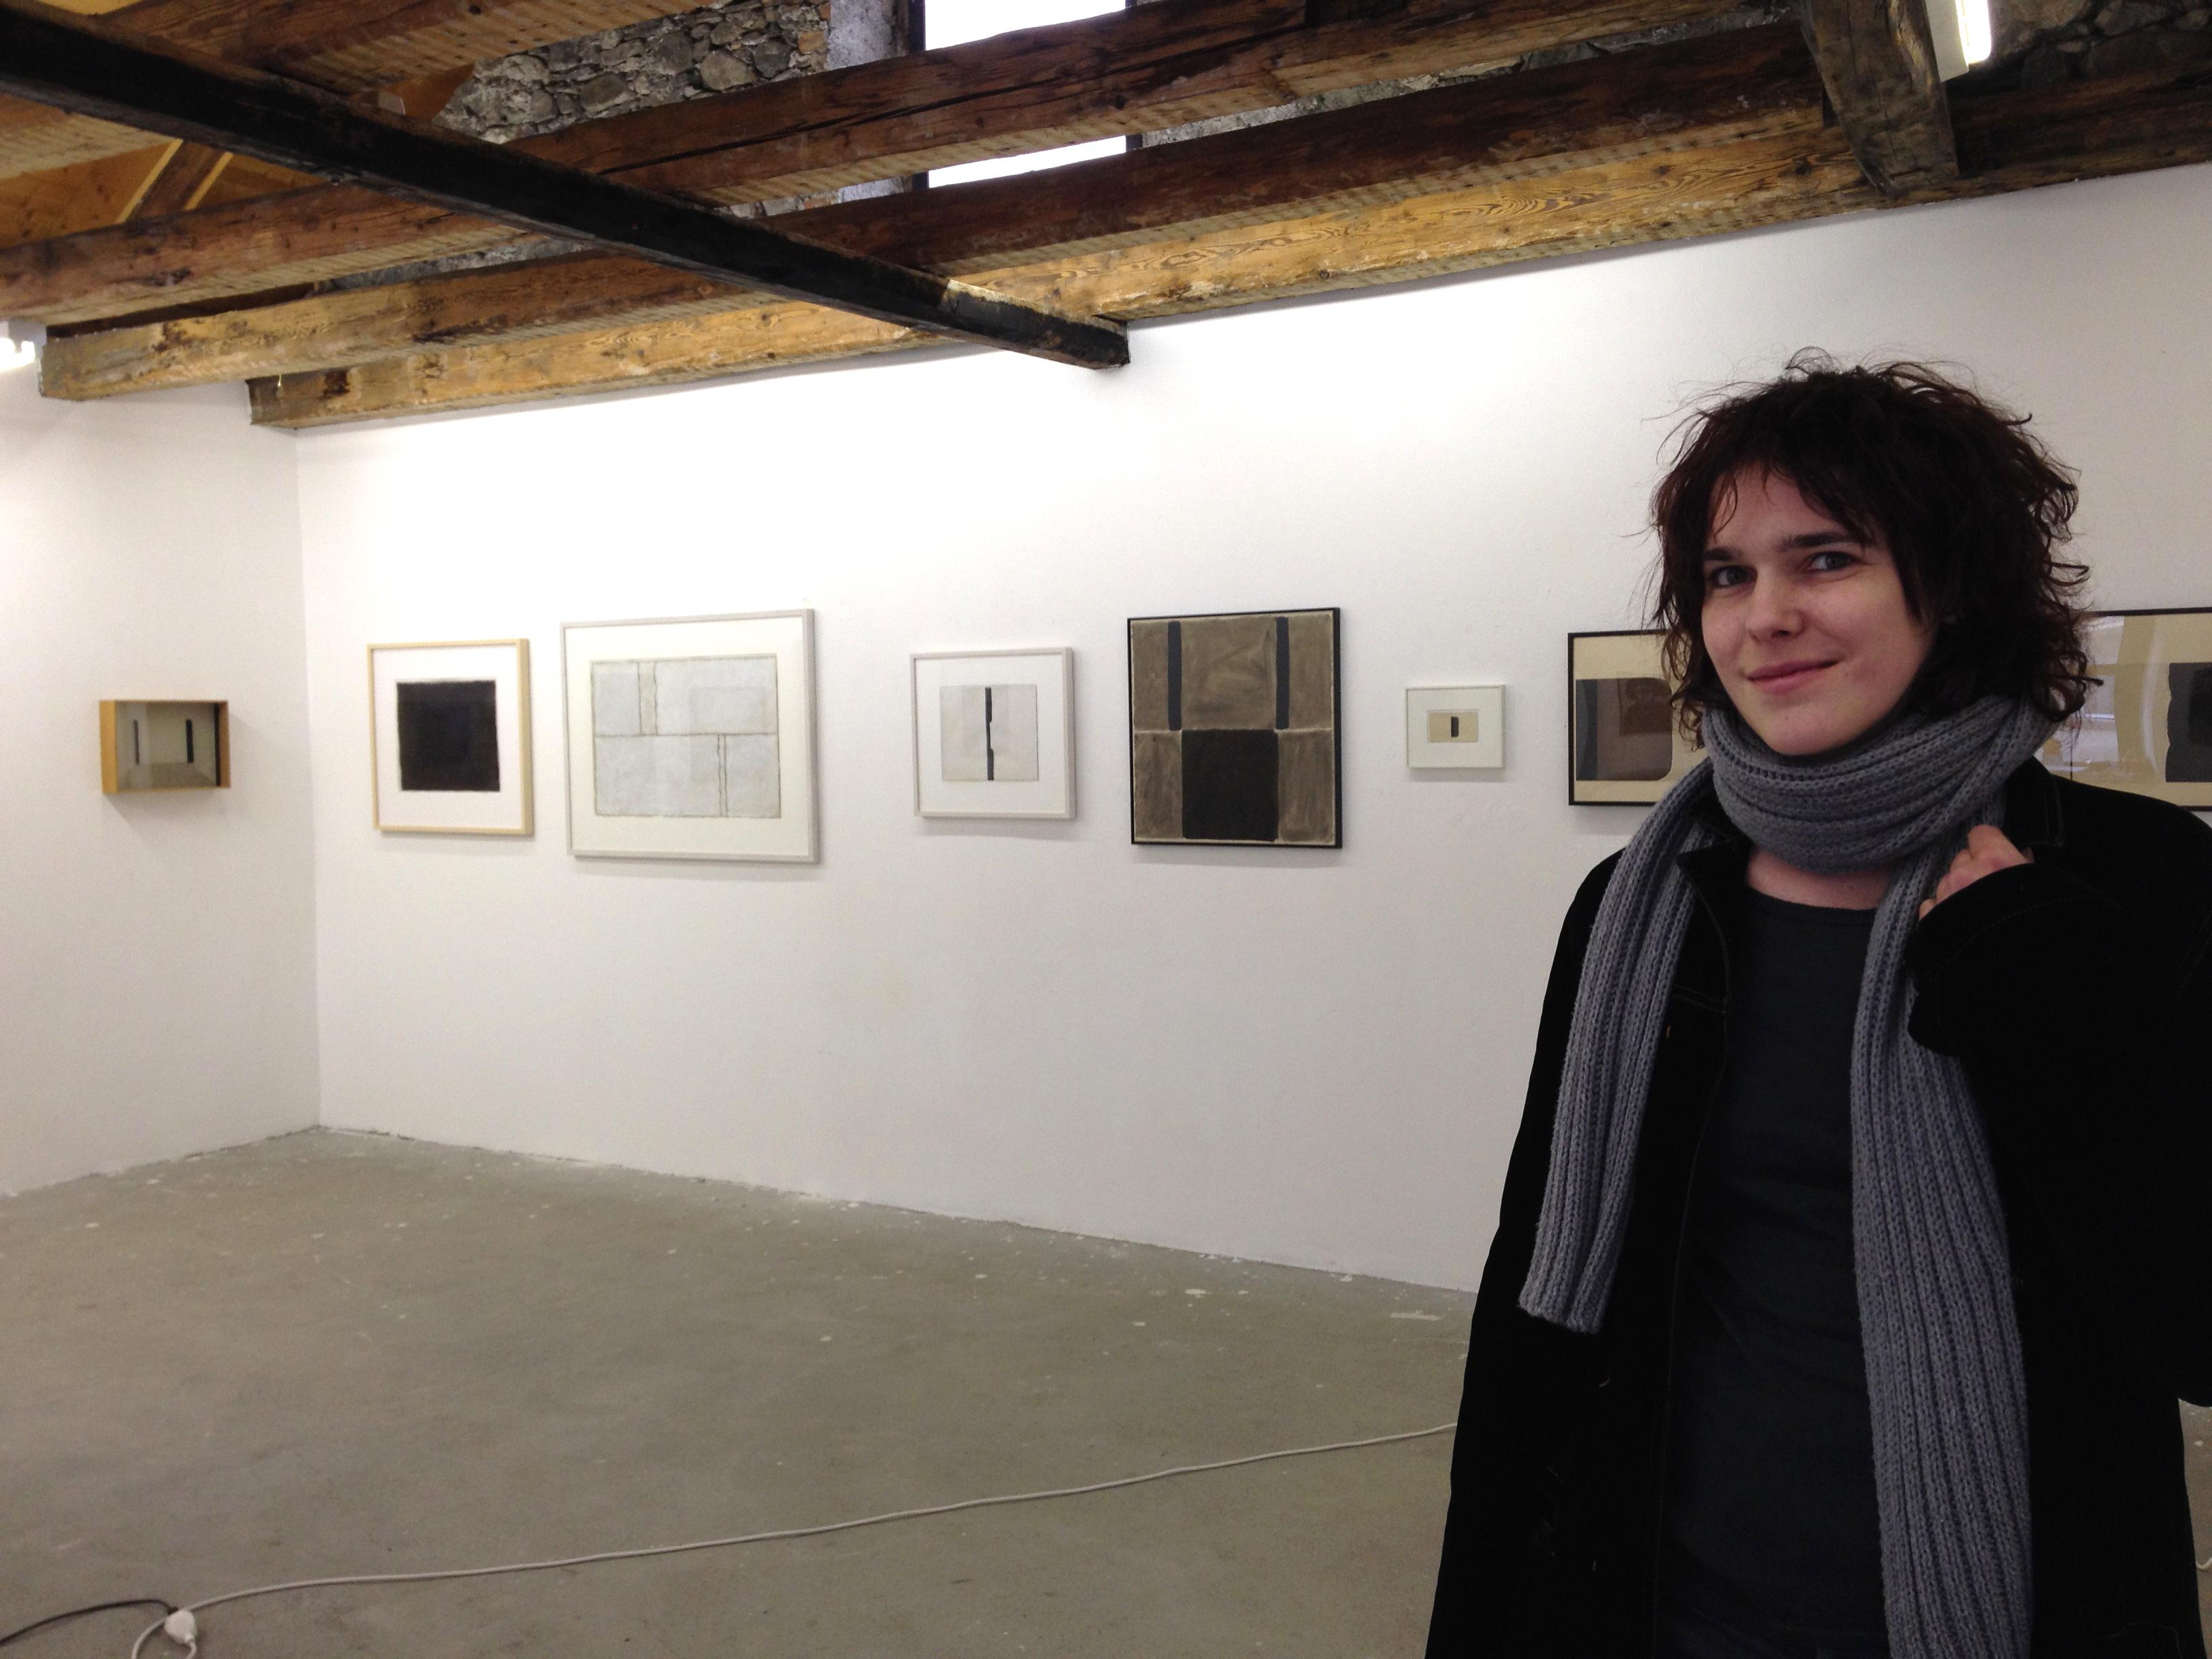 La curatura Ginia Holdener en la Galaria Fravi davant ils purtrets da l'artist Matias Spescha.